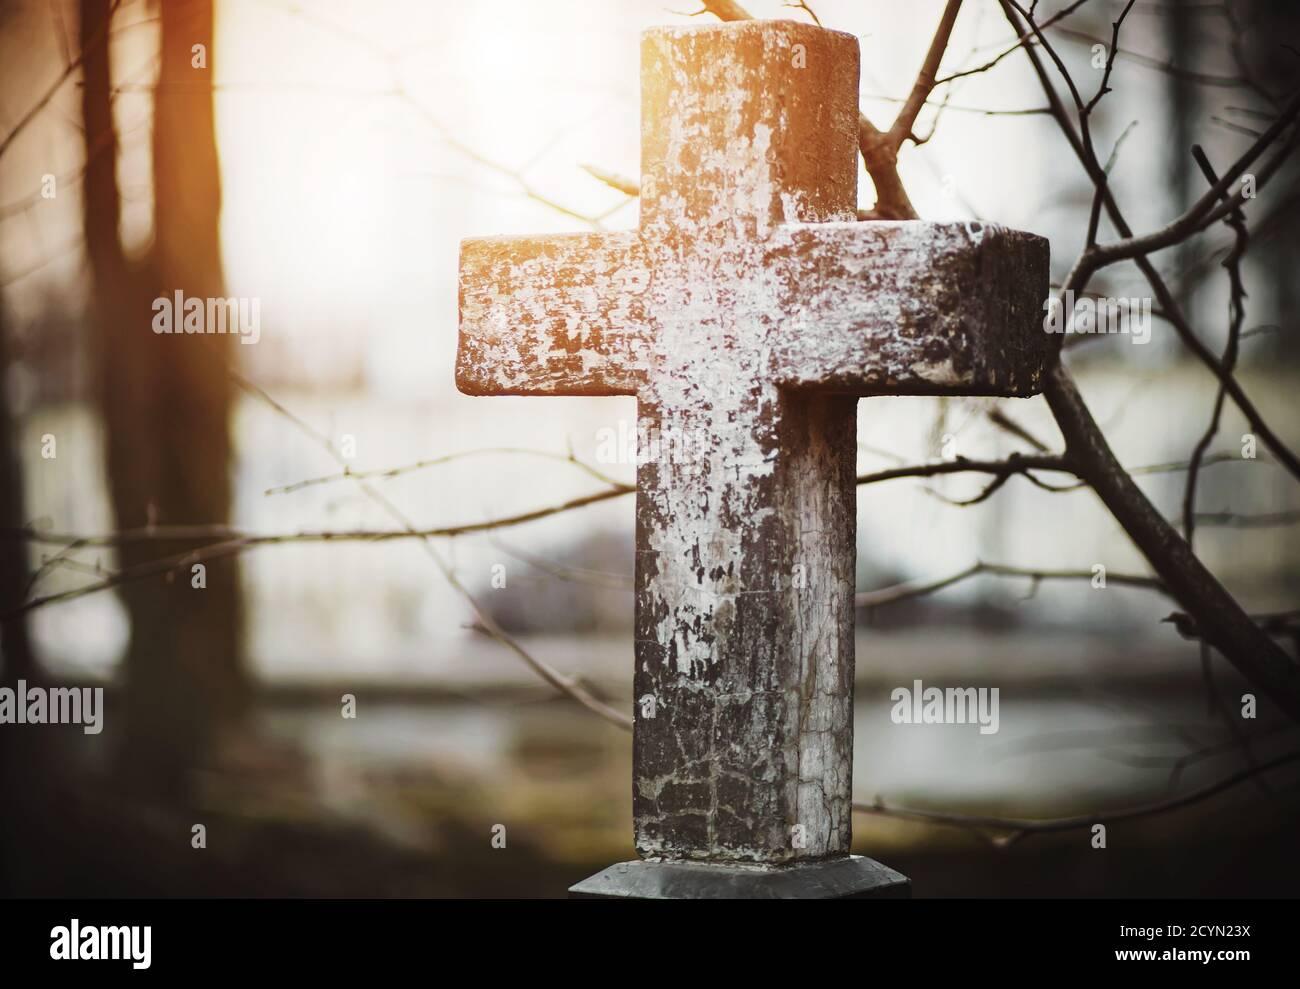 Una vieja y vieja cruz en el cementerio cerca de las ramas retorcidas está iluminada por los rayos del sol poniente. Religión. Muerte. Foto de stock